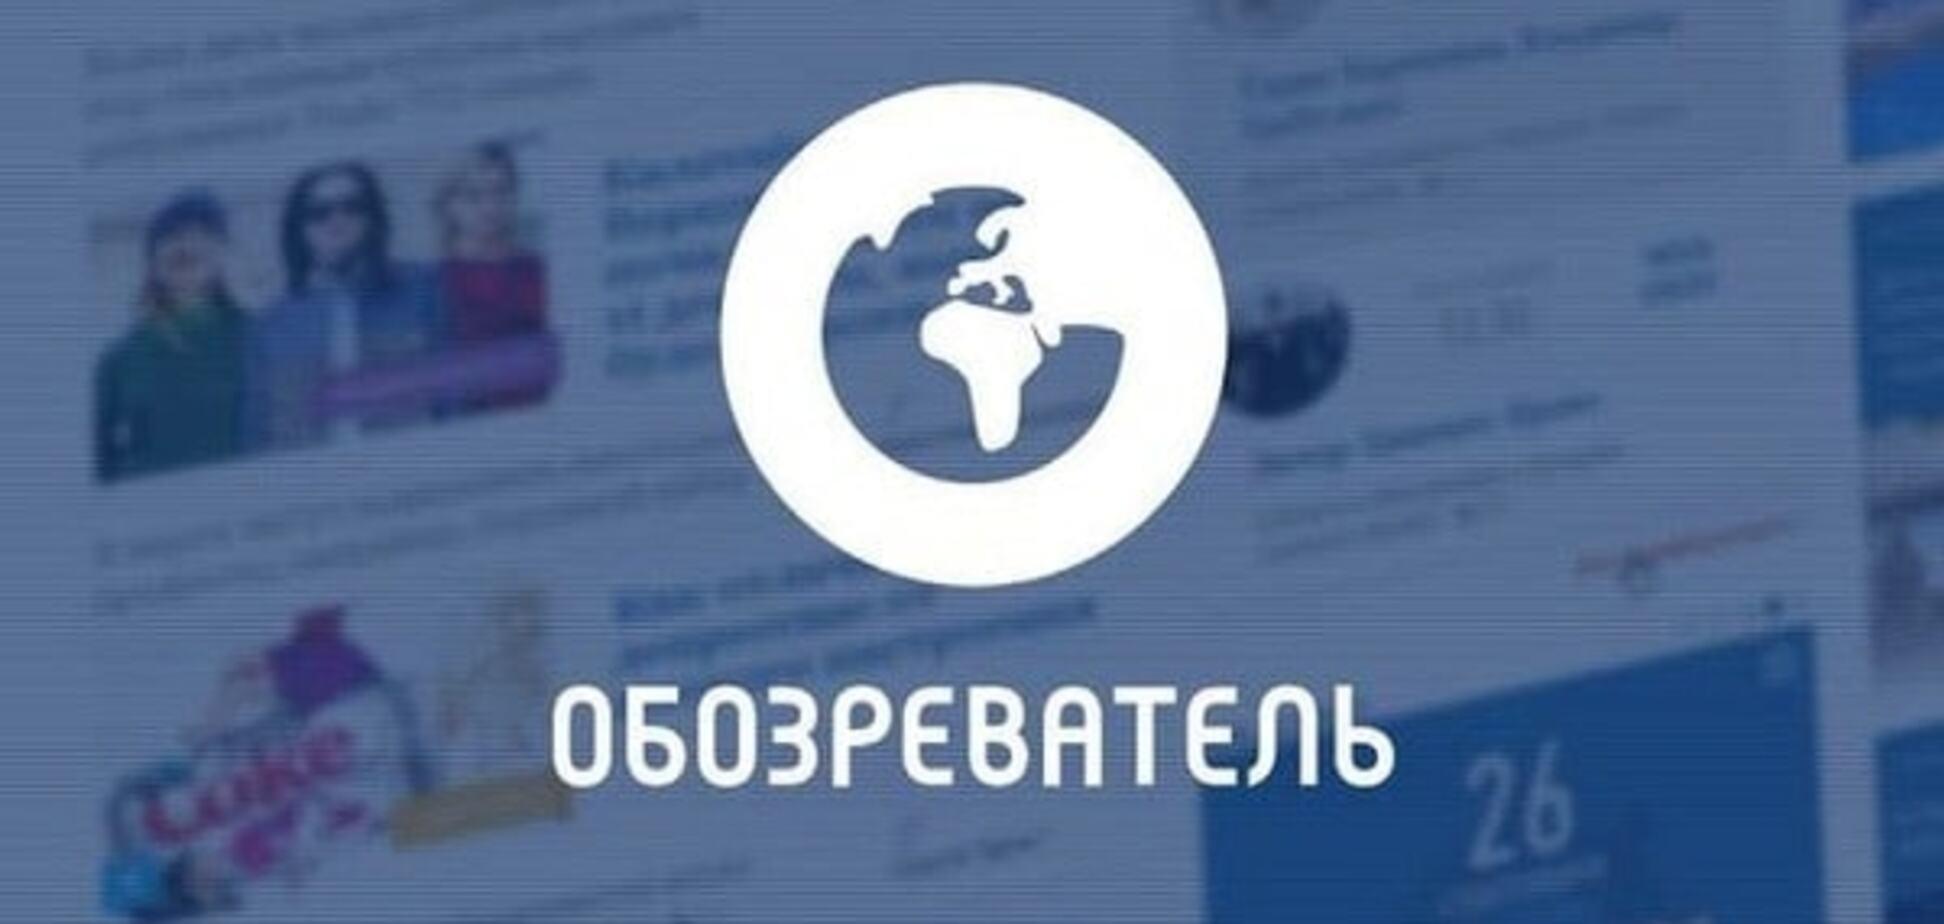 Цены на продукты: чего ждать украинцам в феврале